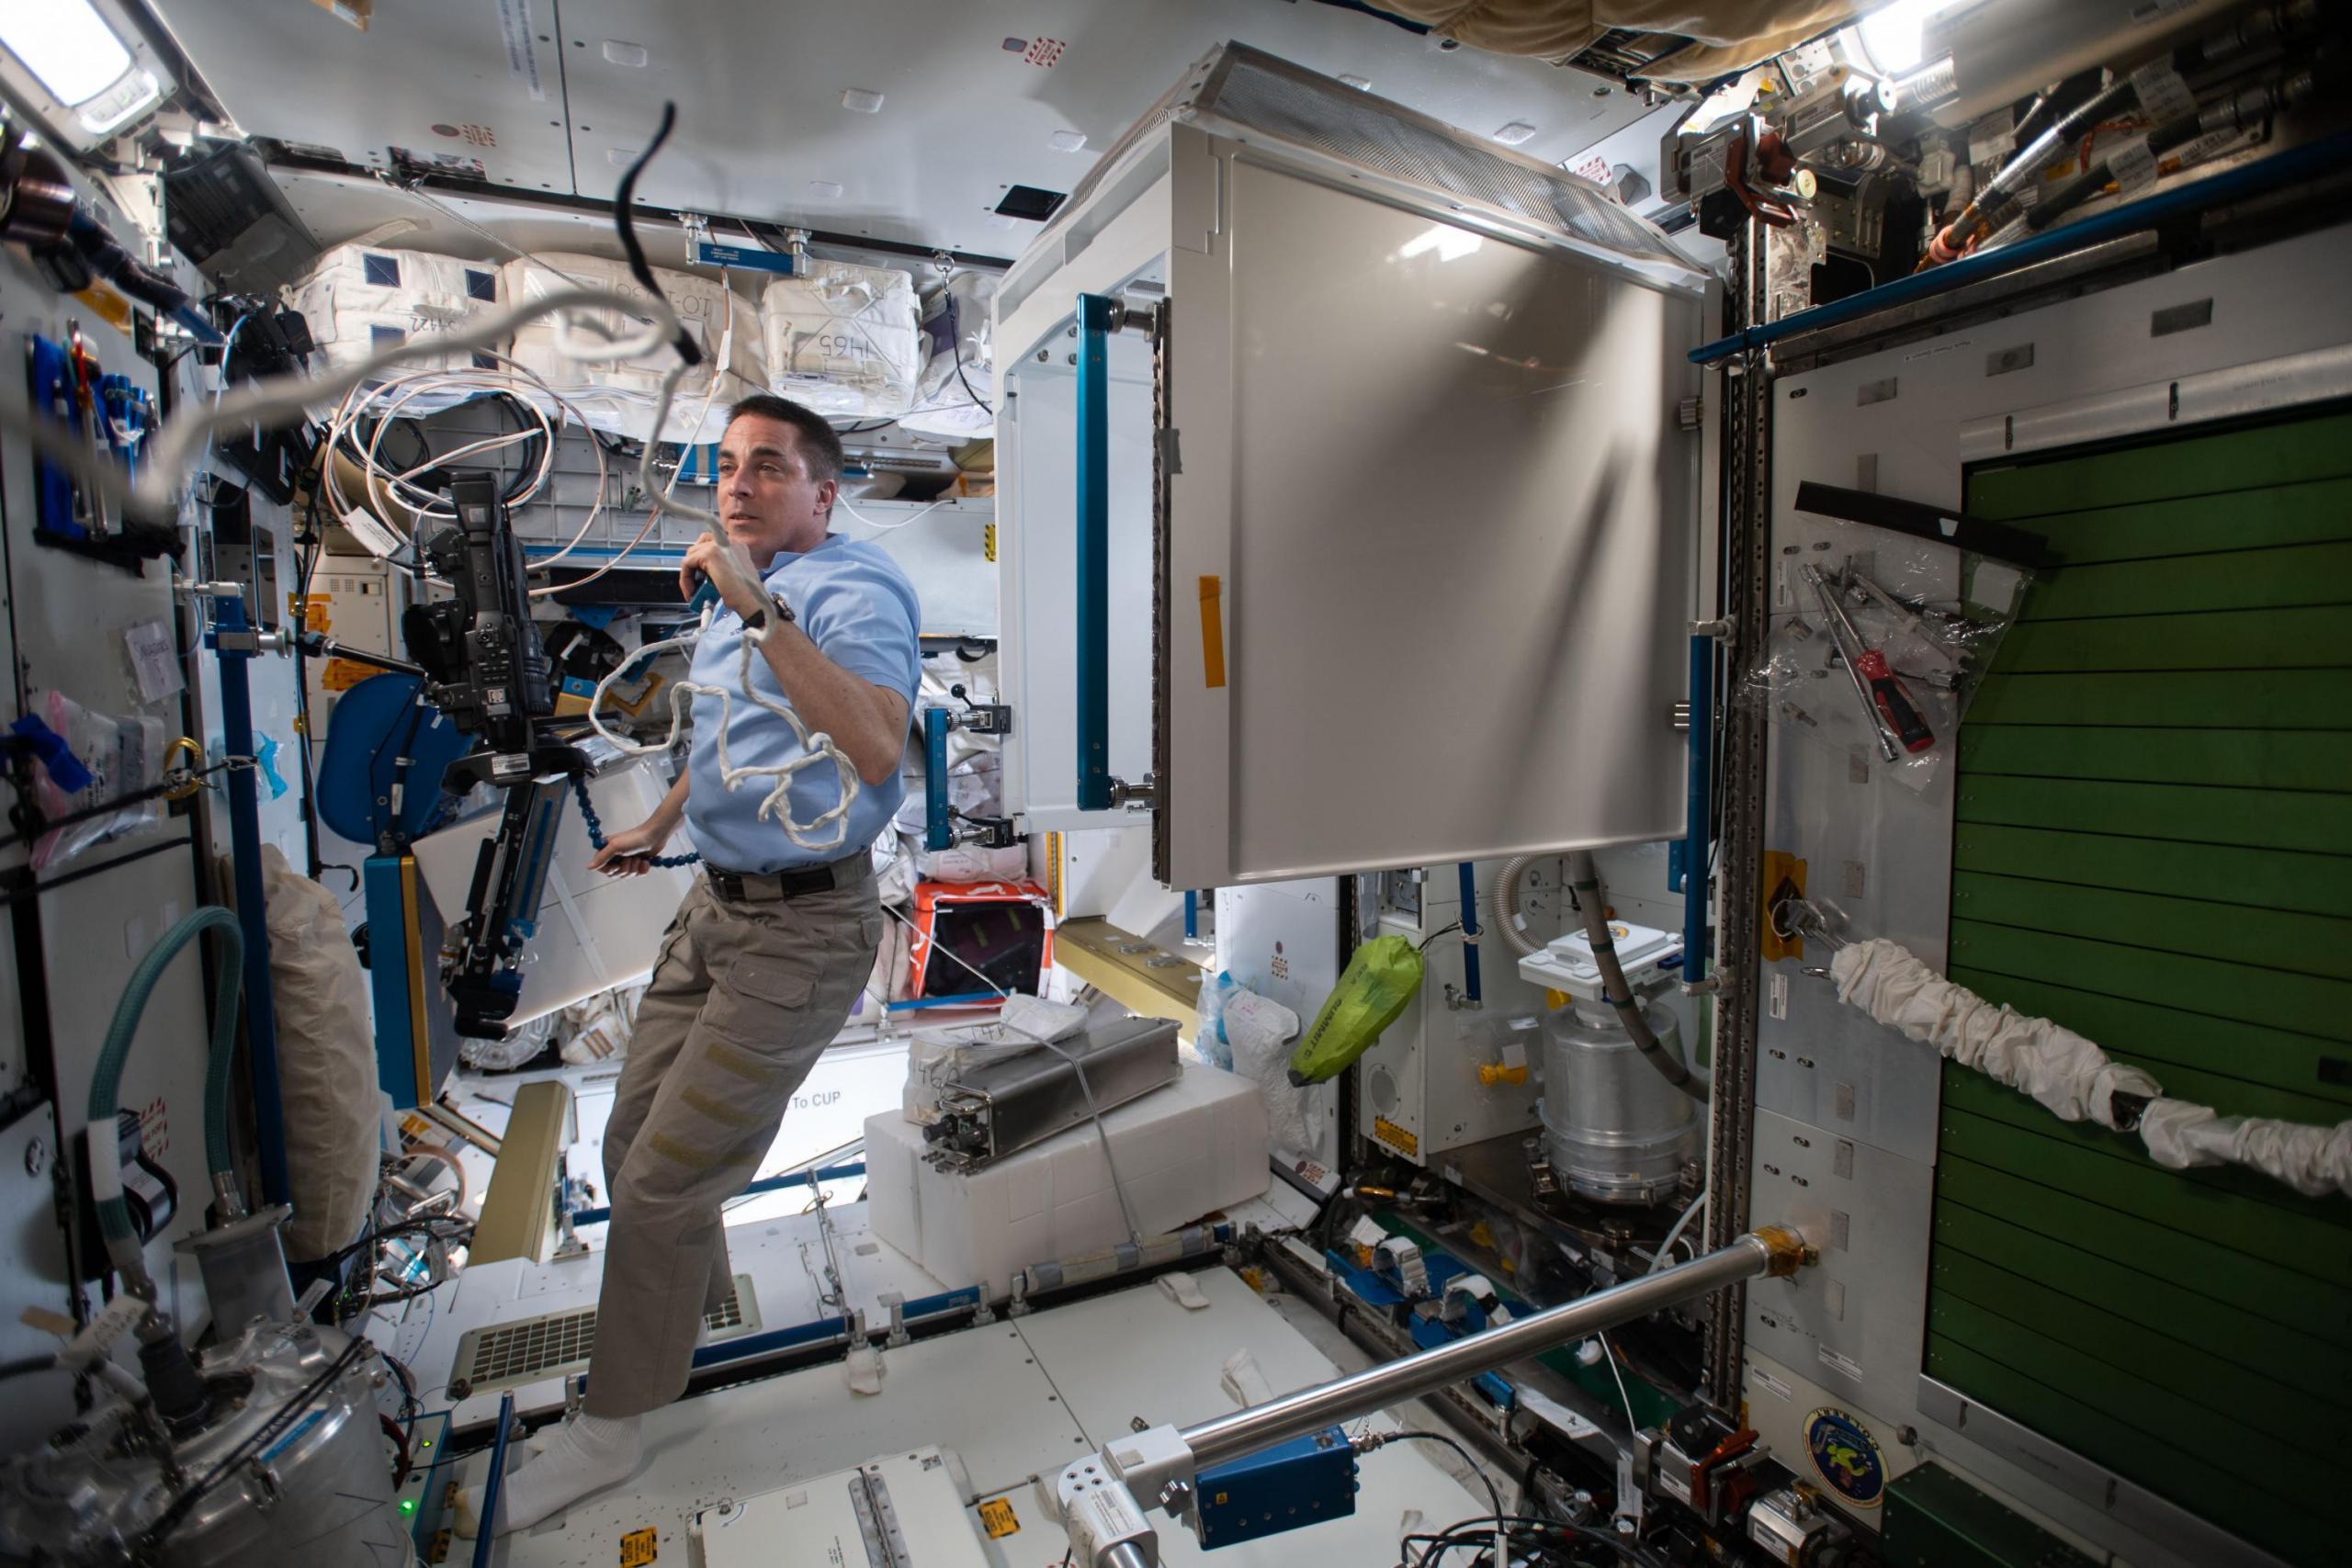 El astronauta Chris Cassidy hablando con el control de la misión desde el interior de la estación espacial.